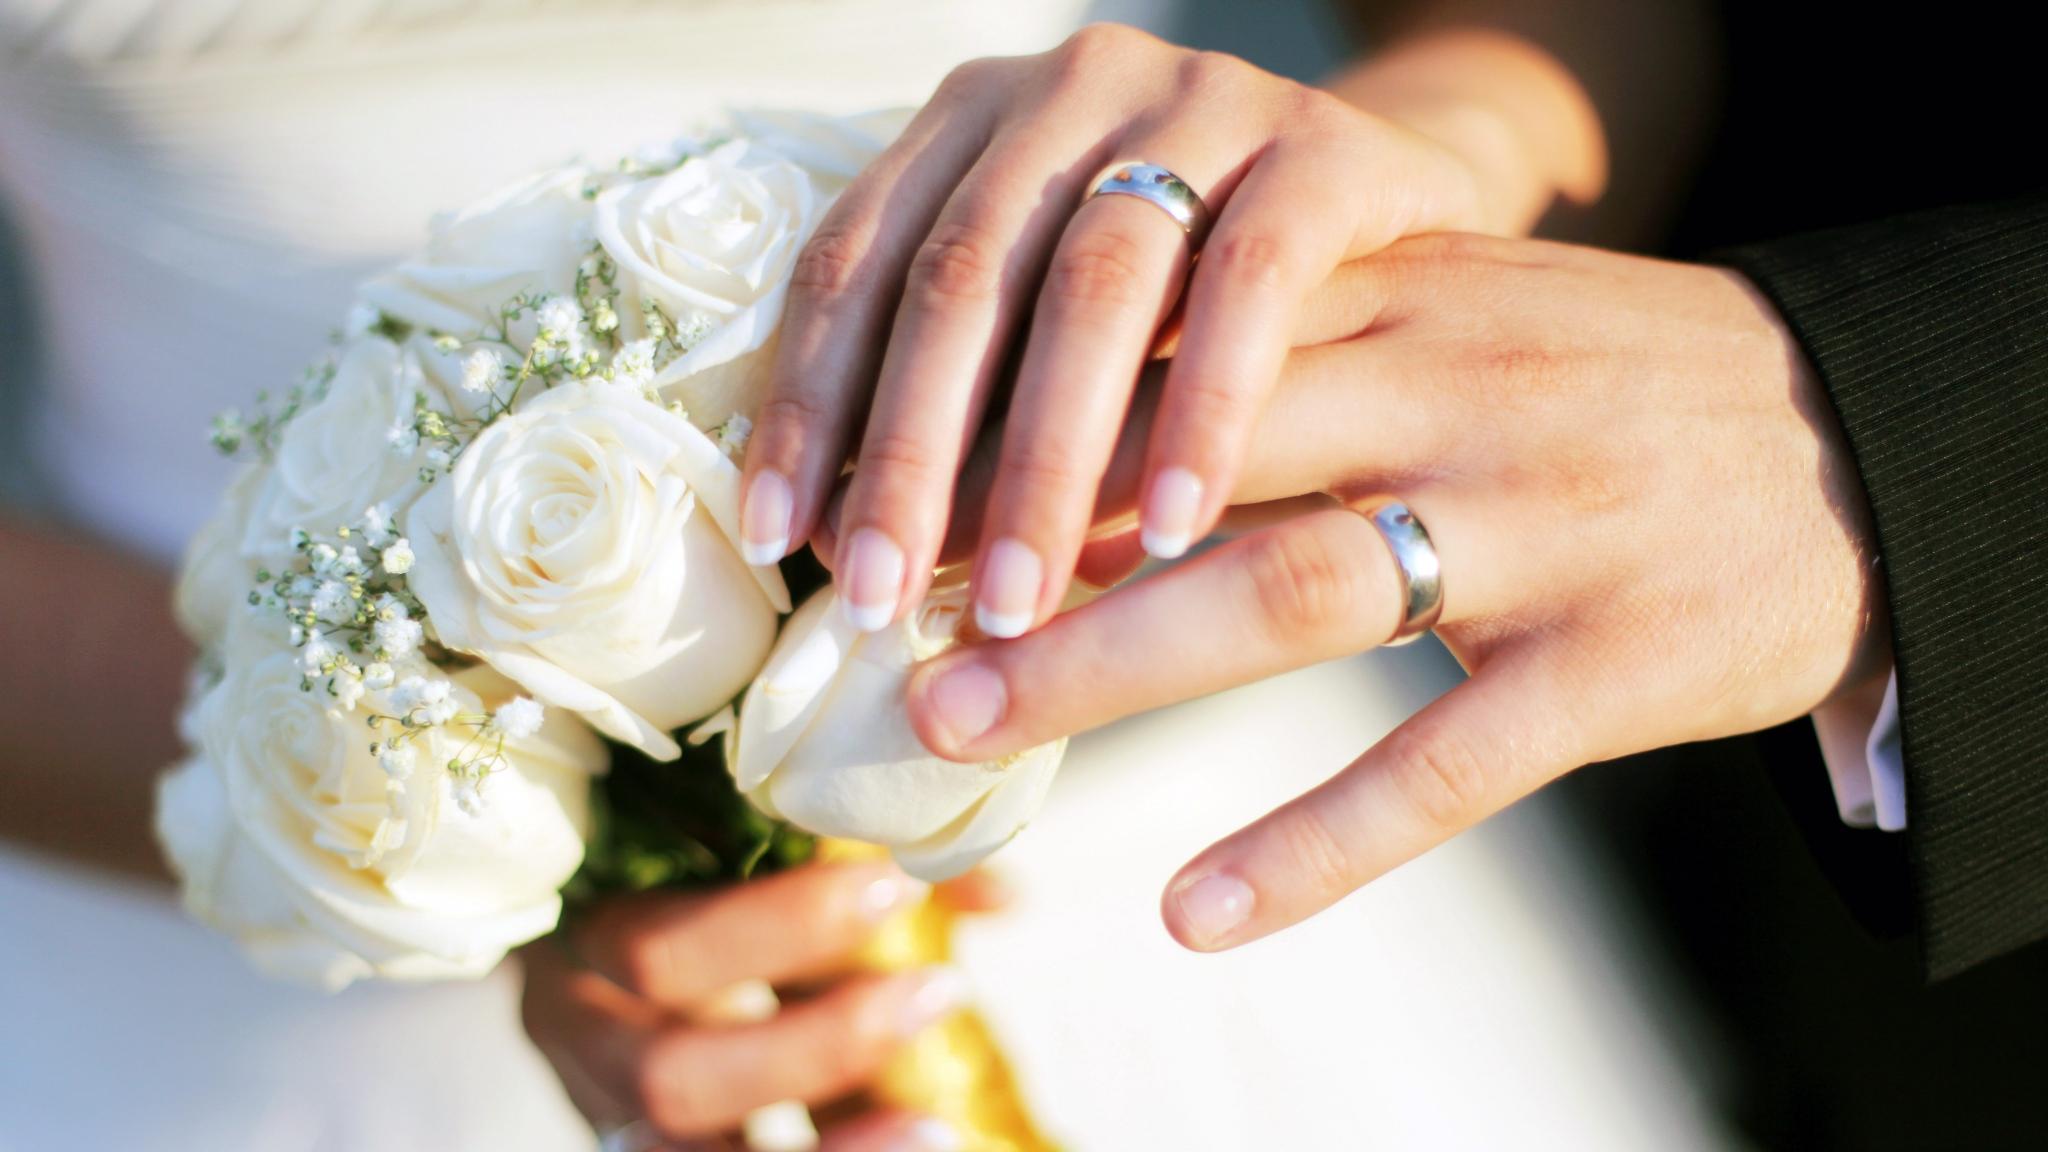 Xem tuổi vợ chồng hóa giải xung khắc